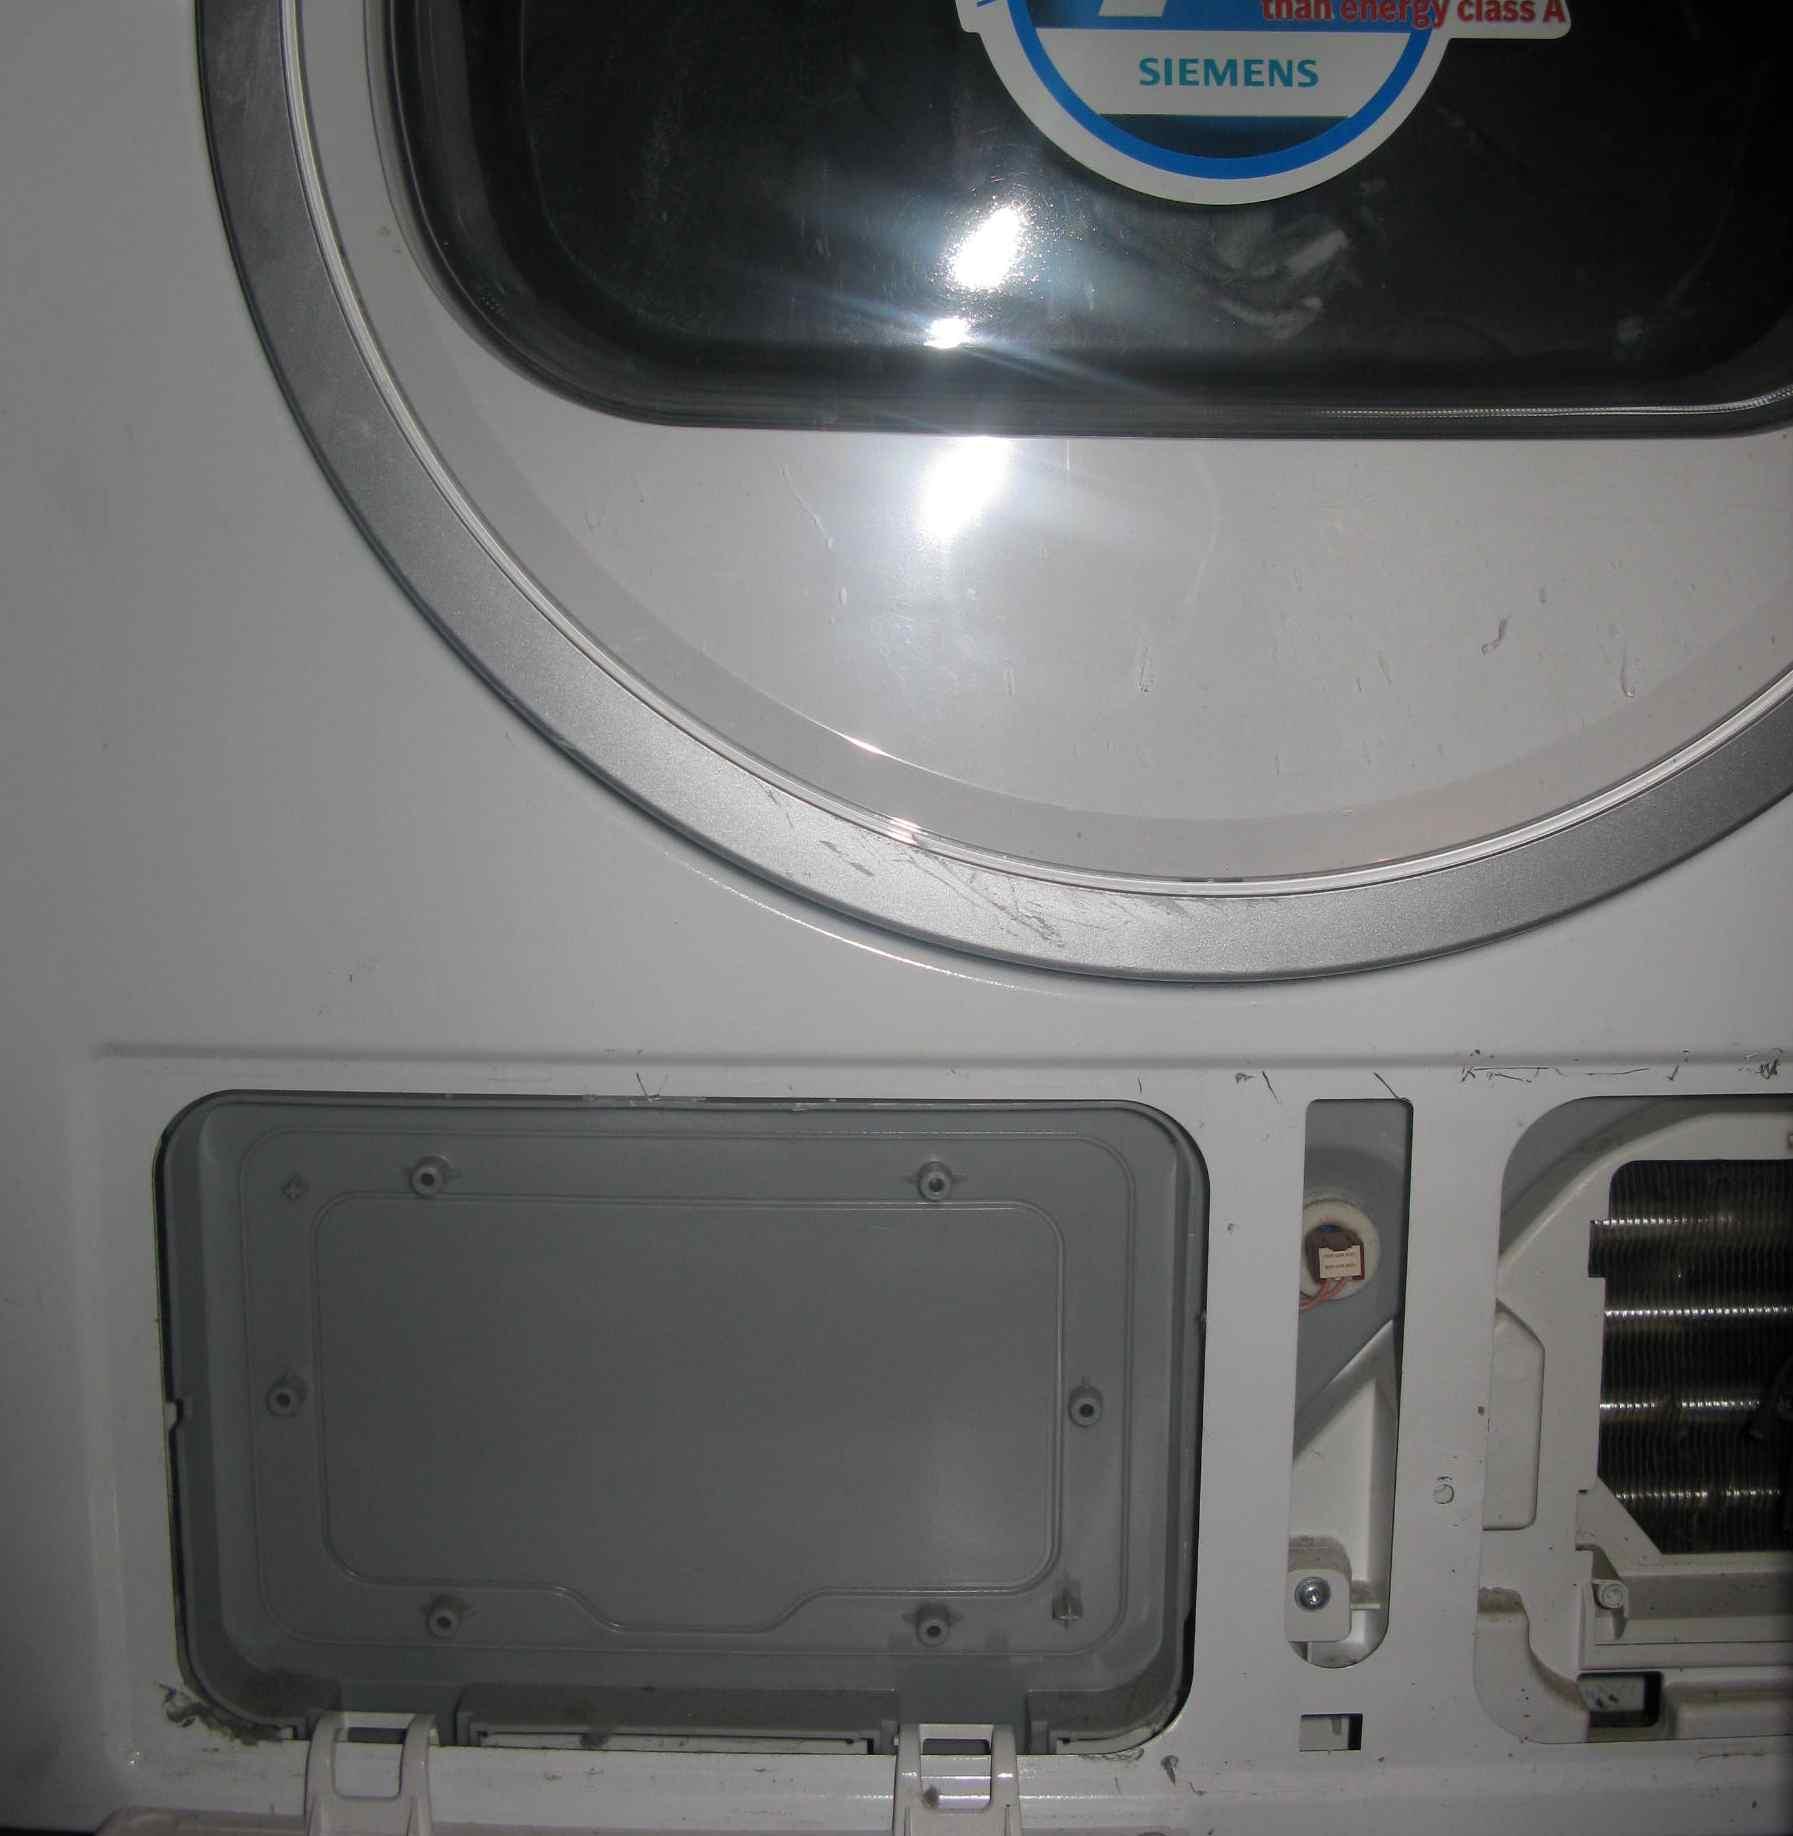 Siemens WT46W560BY/02 - Suszarka z pomp� ciep�a - s�aby efekt suszenia